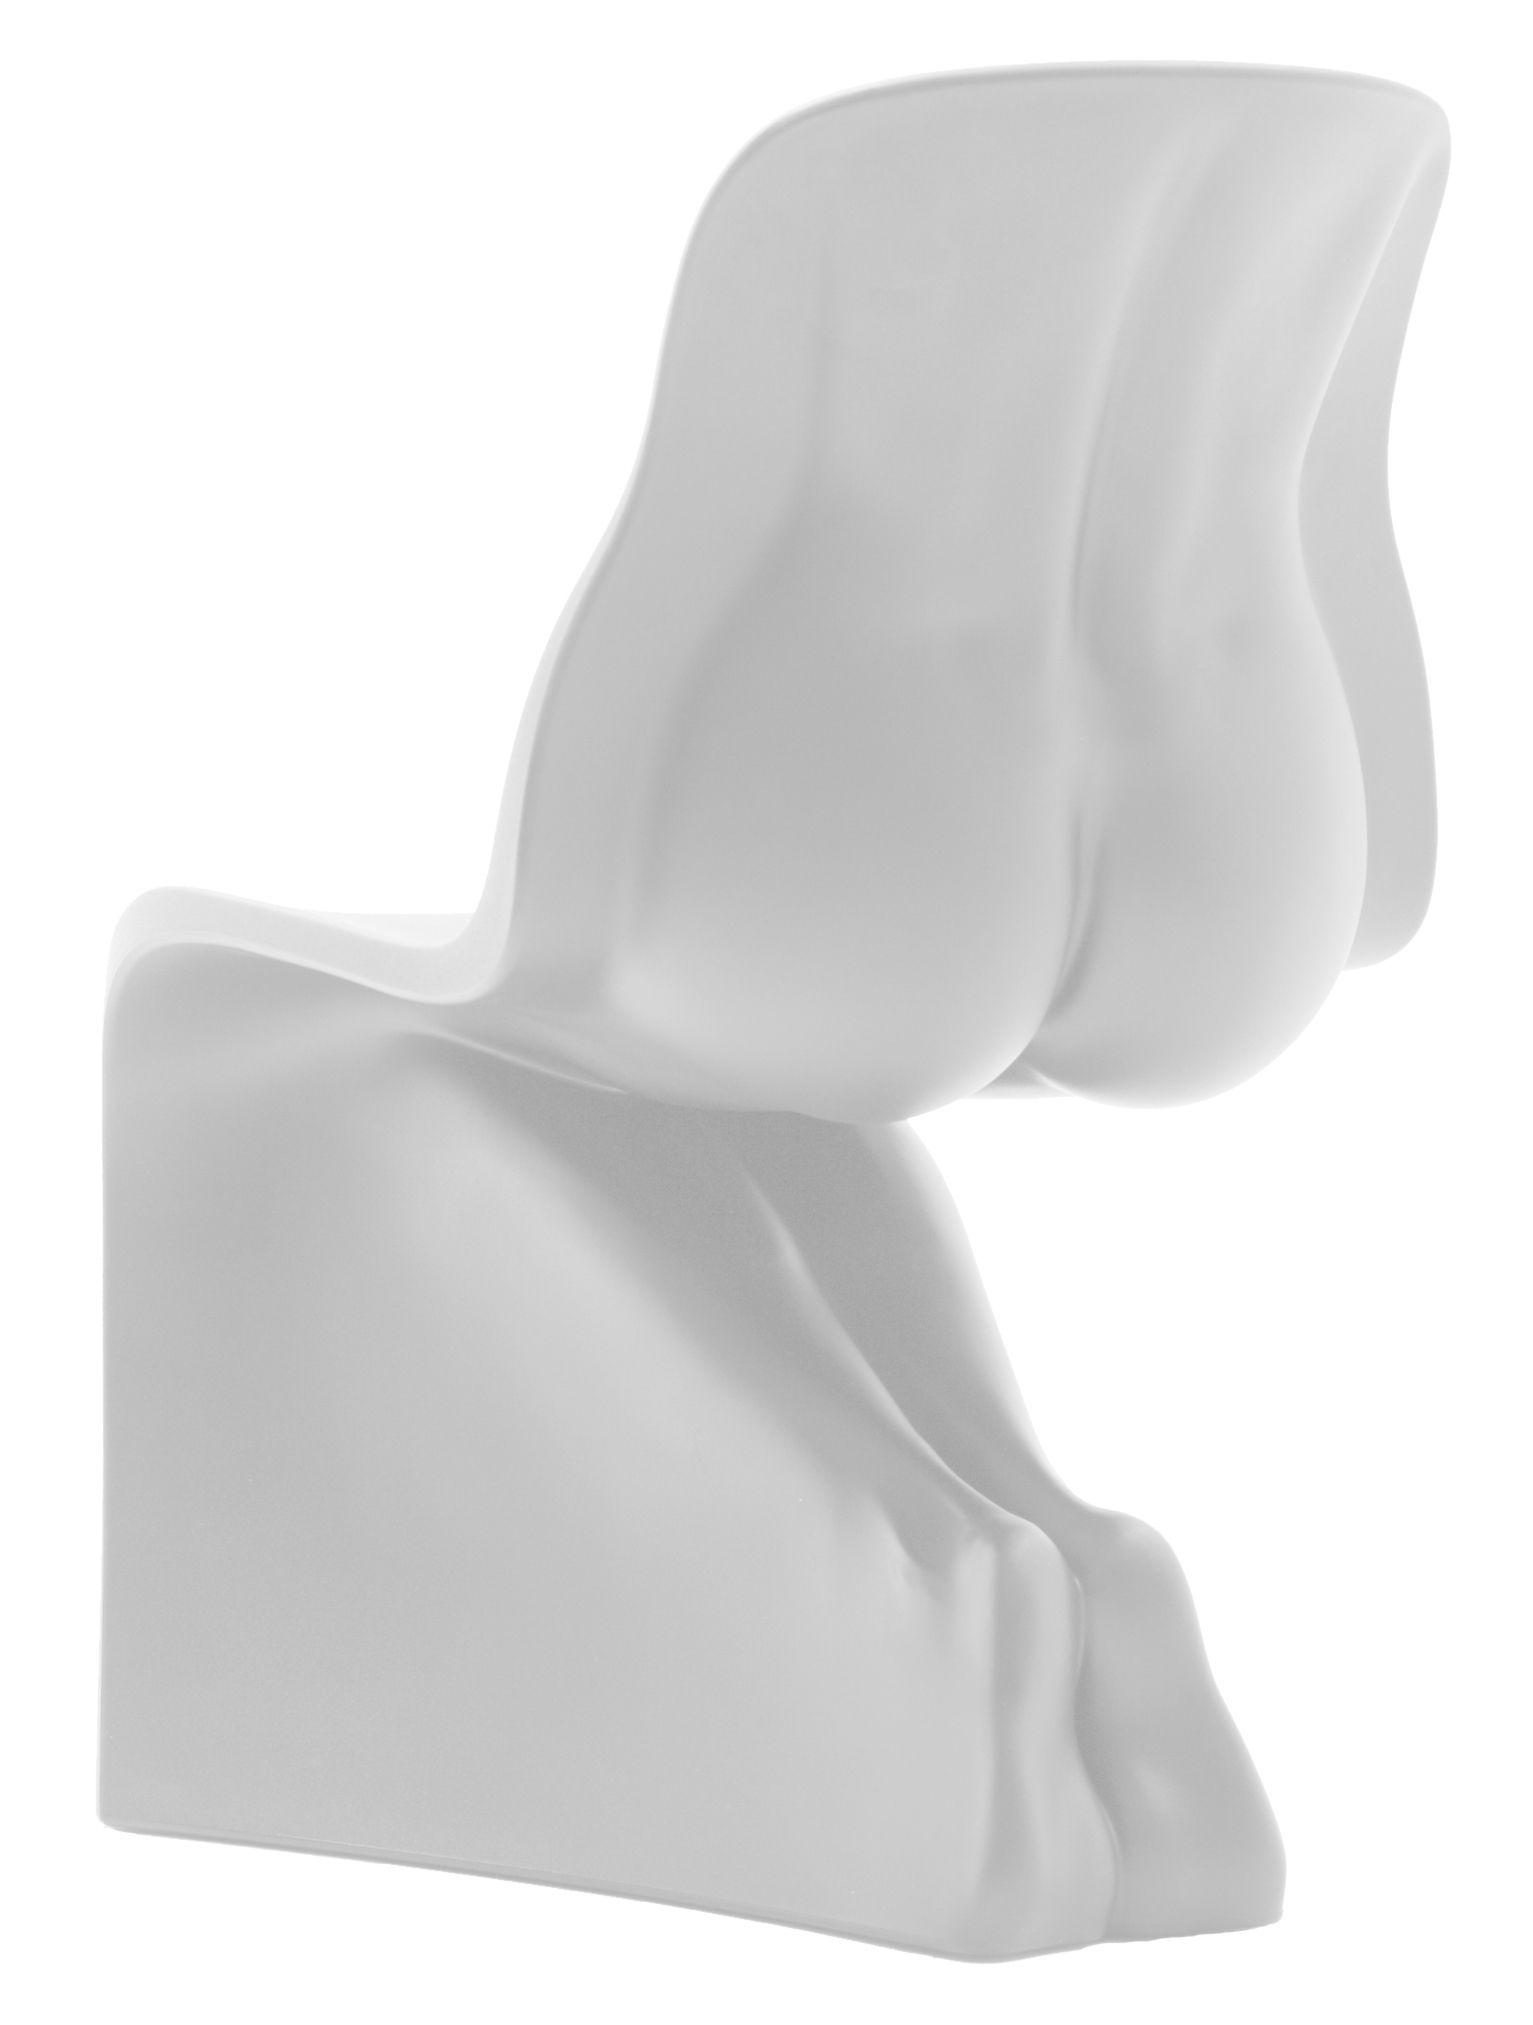 Ihr weißer Casamania-Stuhl Fabio Novembre